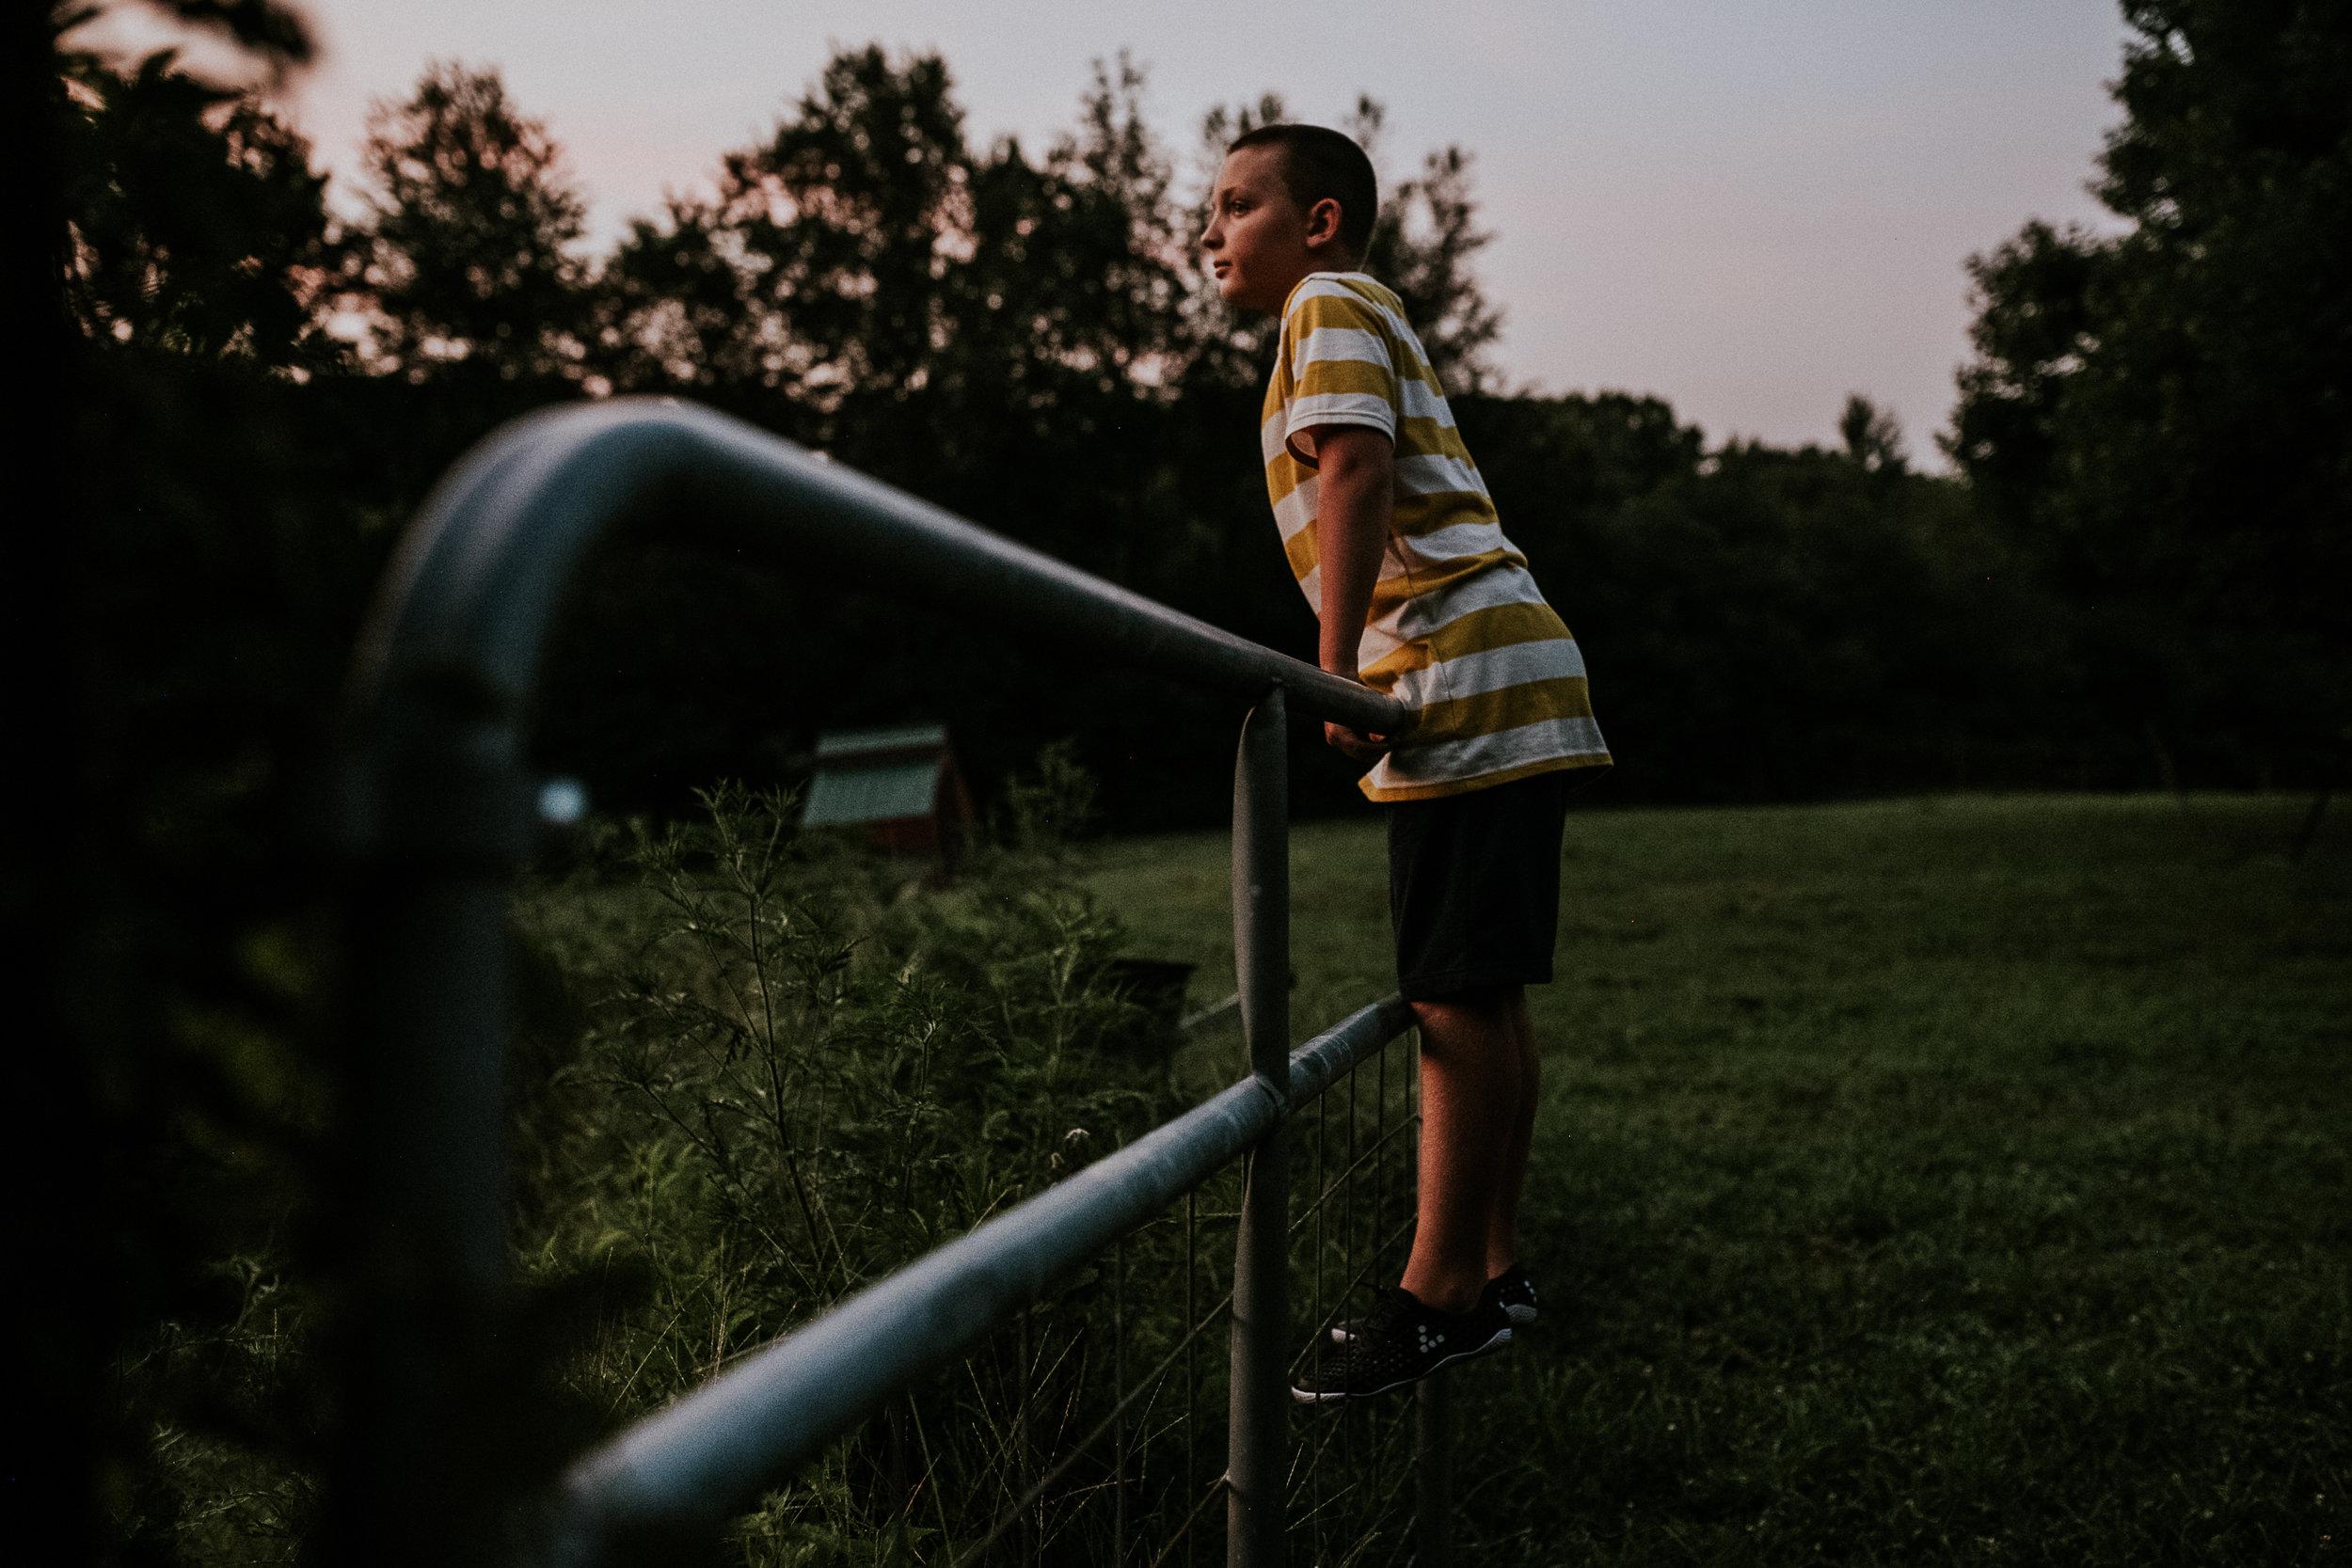 Atticus at sunset